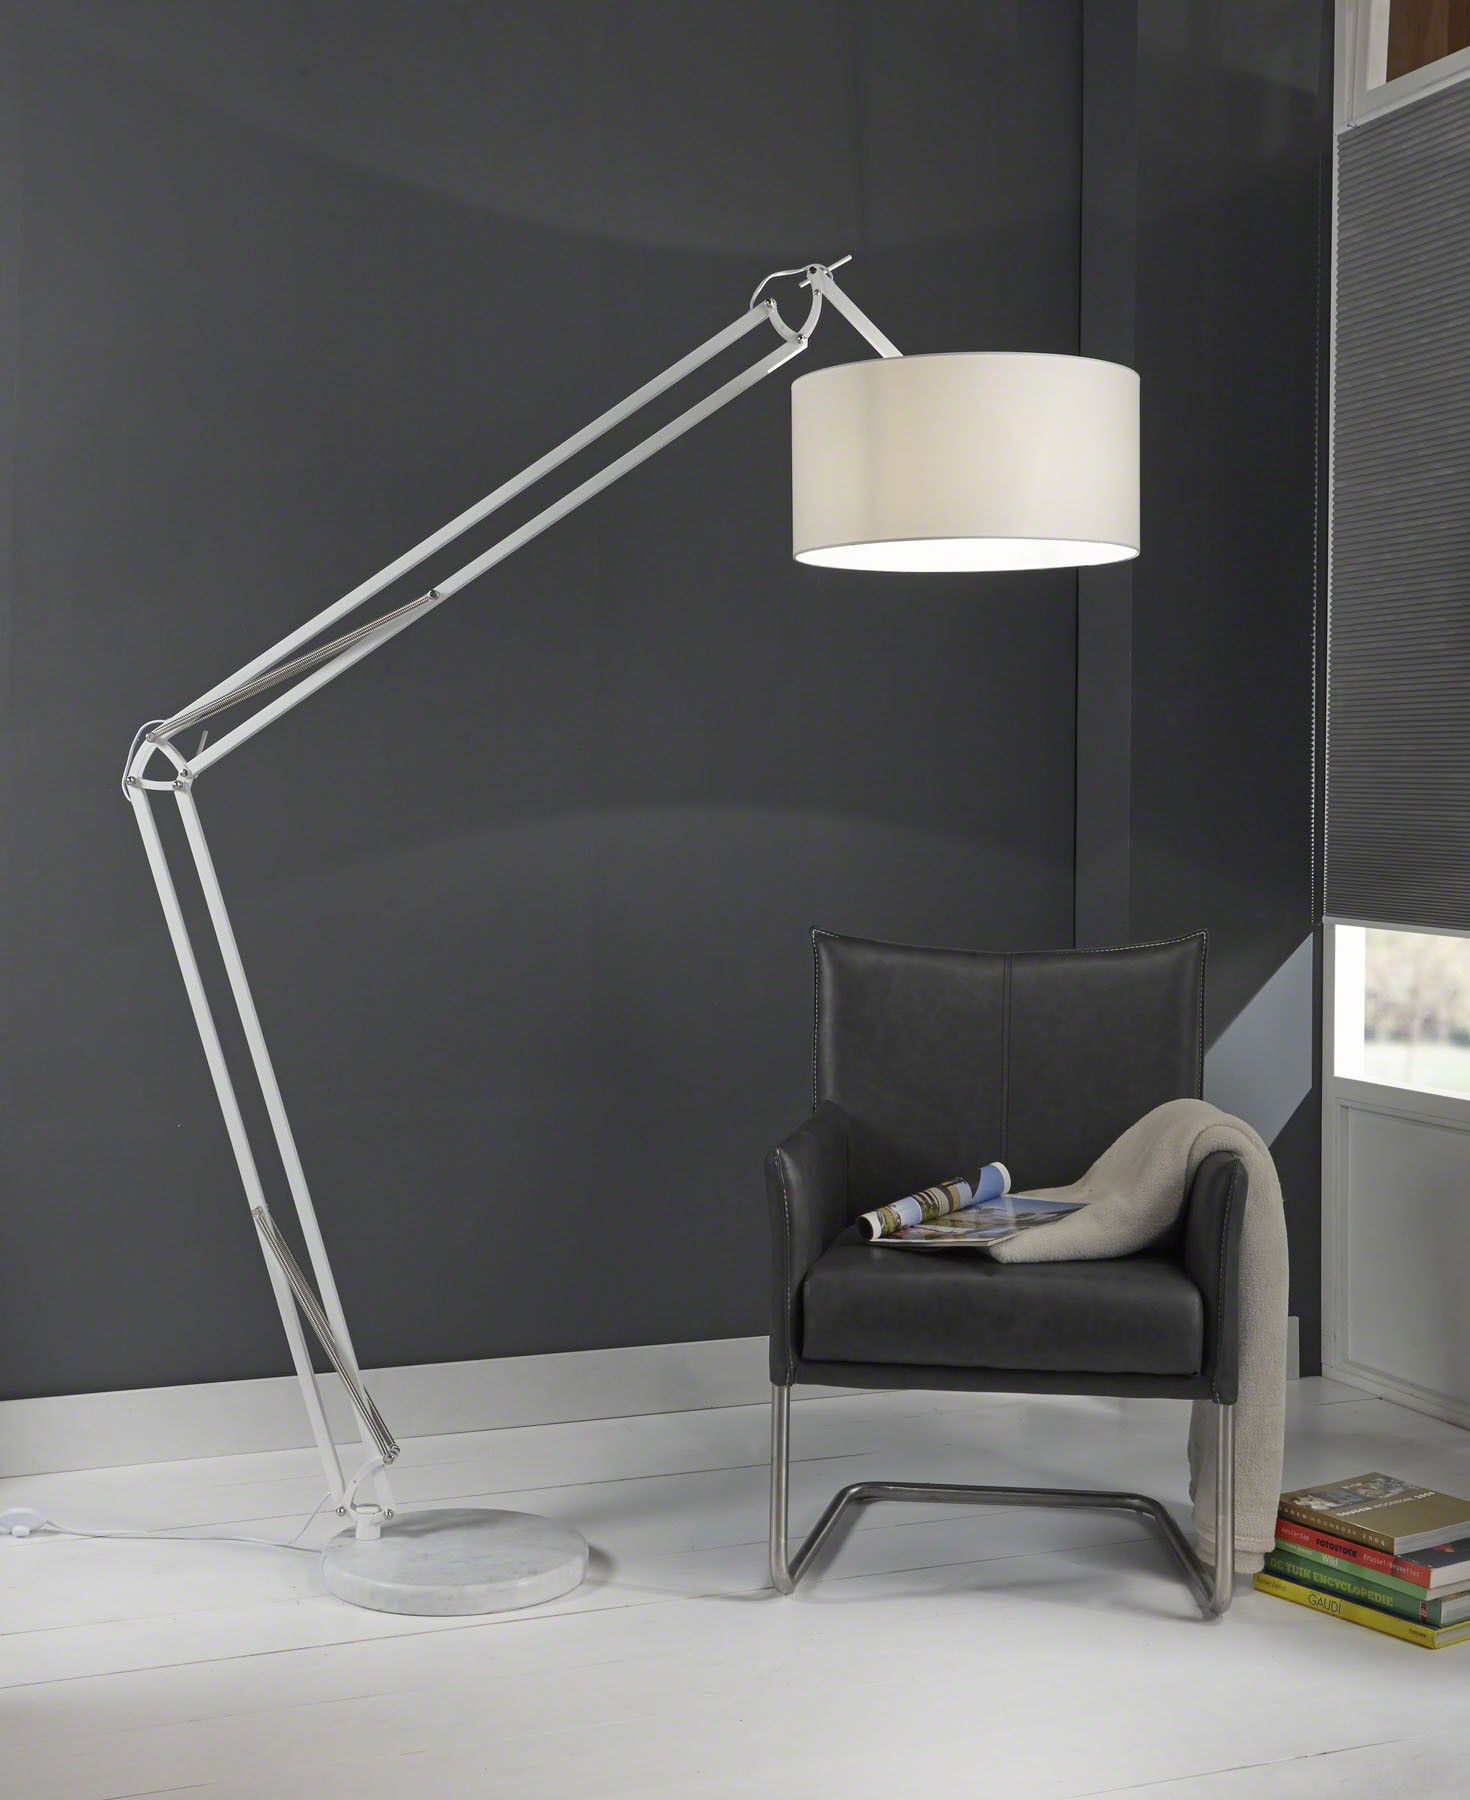 Stehleuchte mit einem Lampenschirm, Stehlampe Weiß